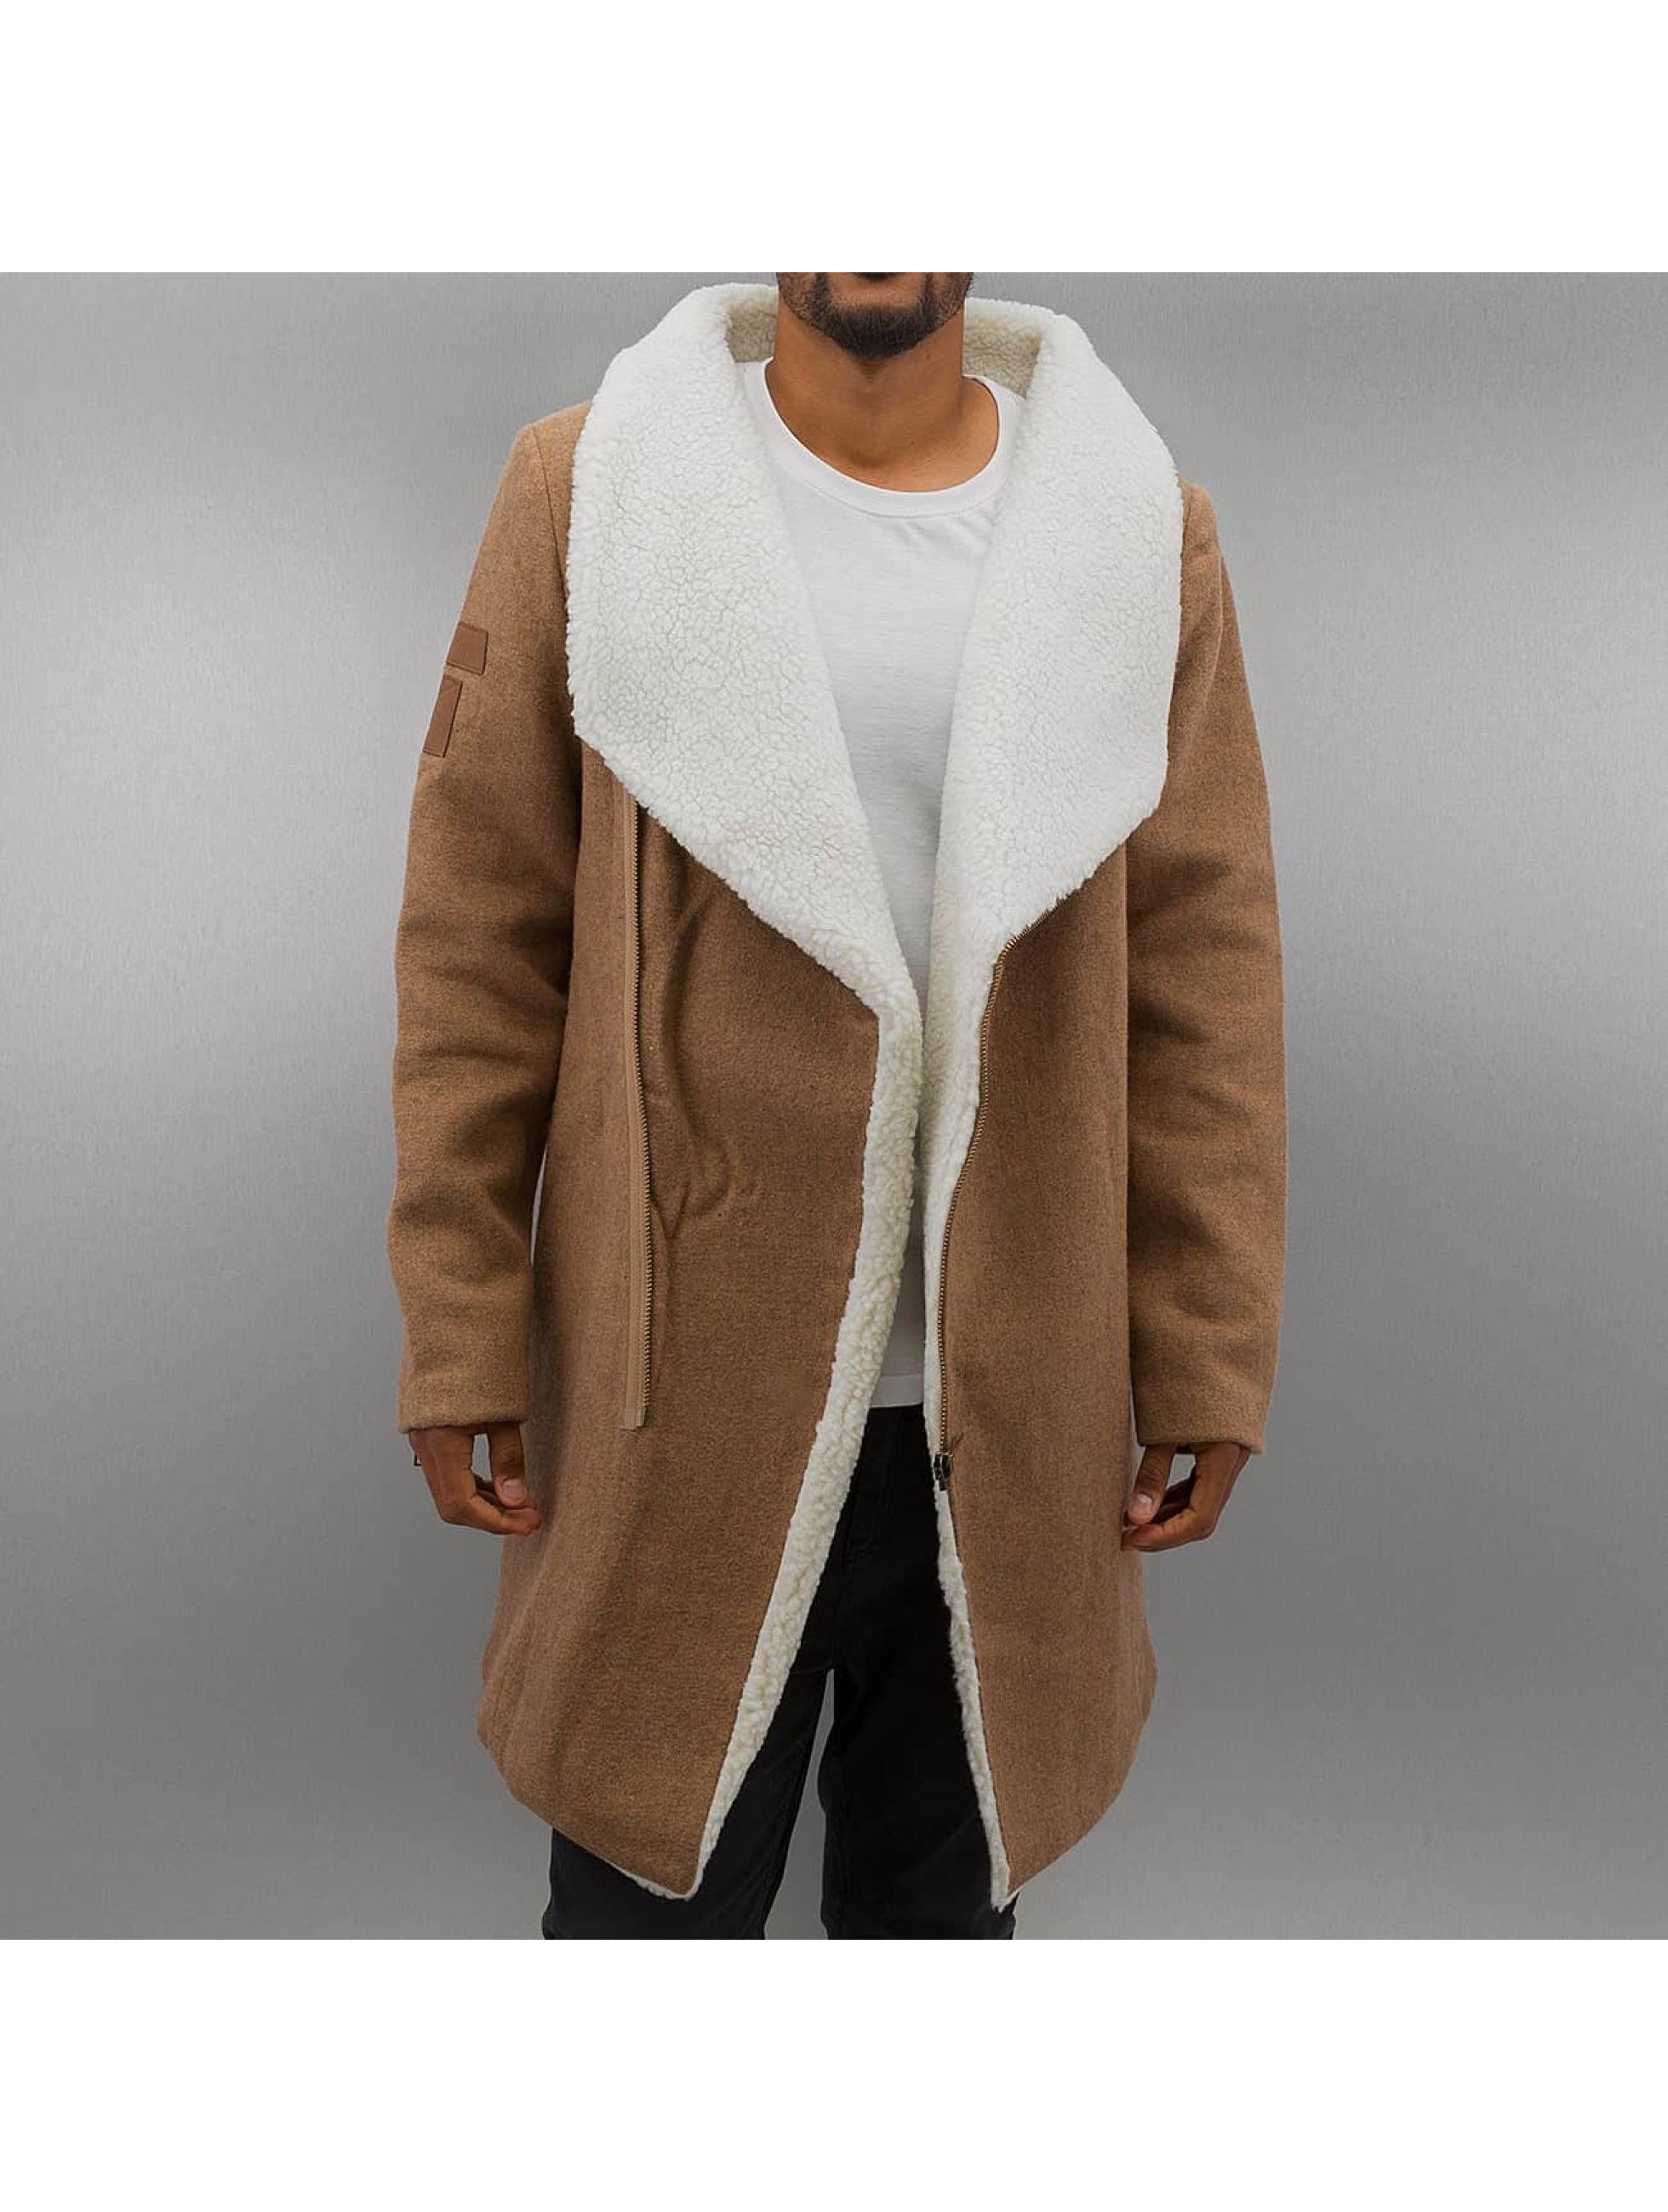 Mantel Konye in beige